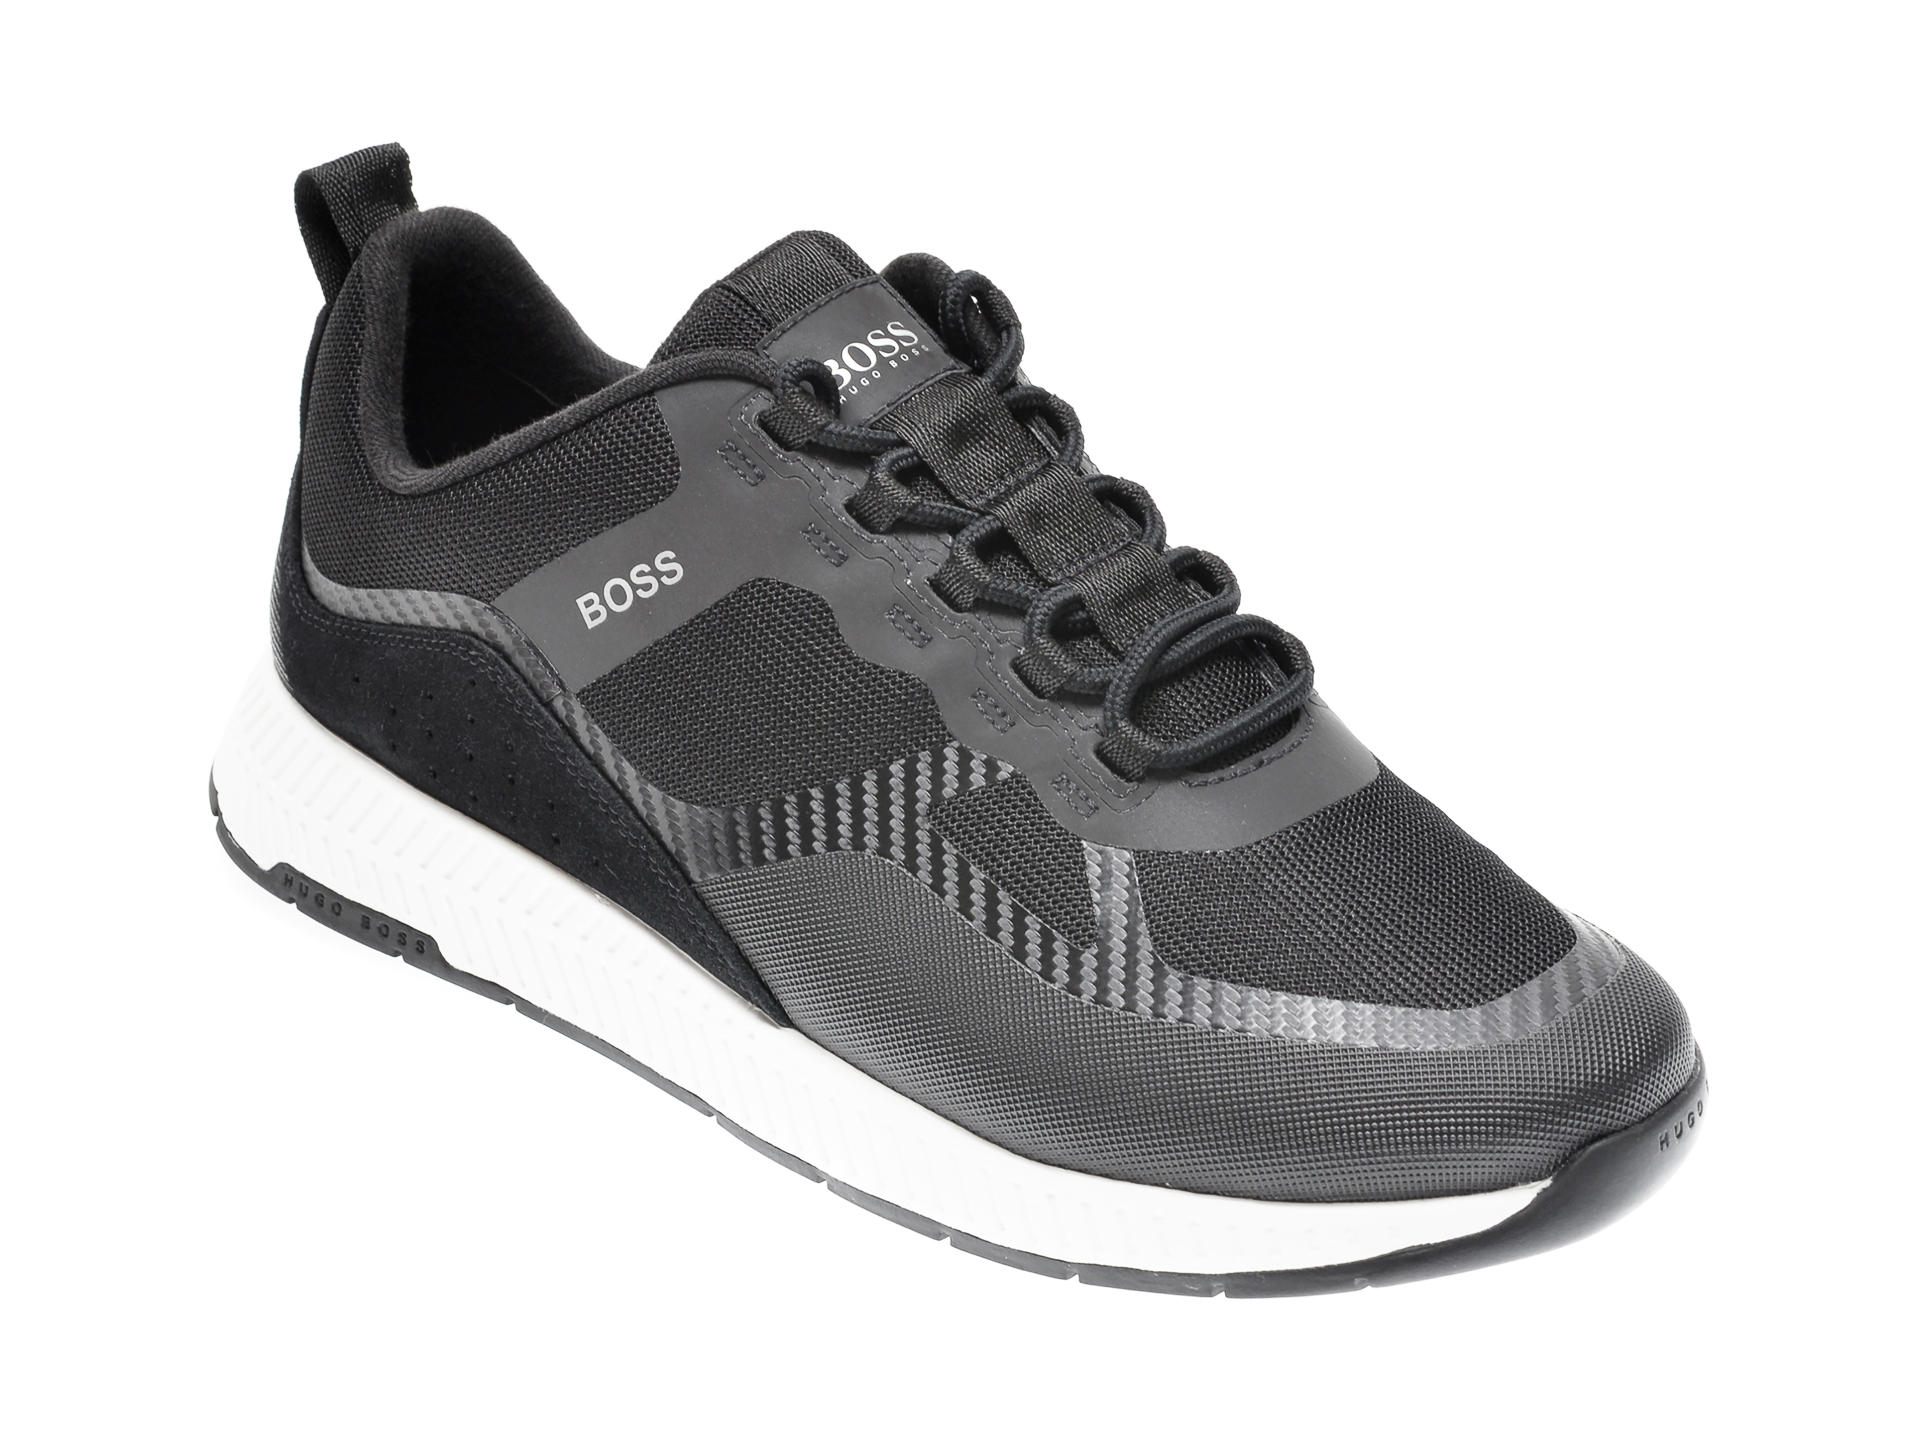 Pantofi sport HUGO BOSS negri, 774, din material textil imagine otter.ro